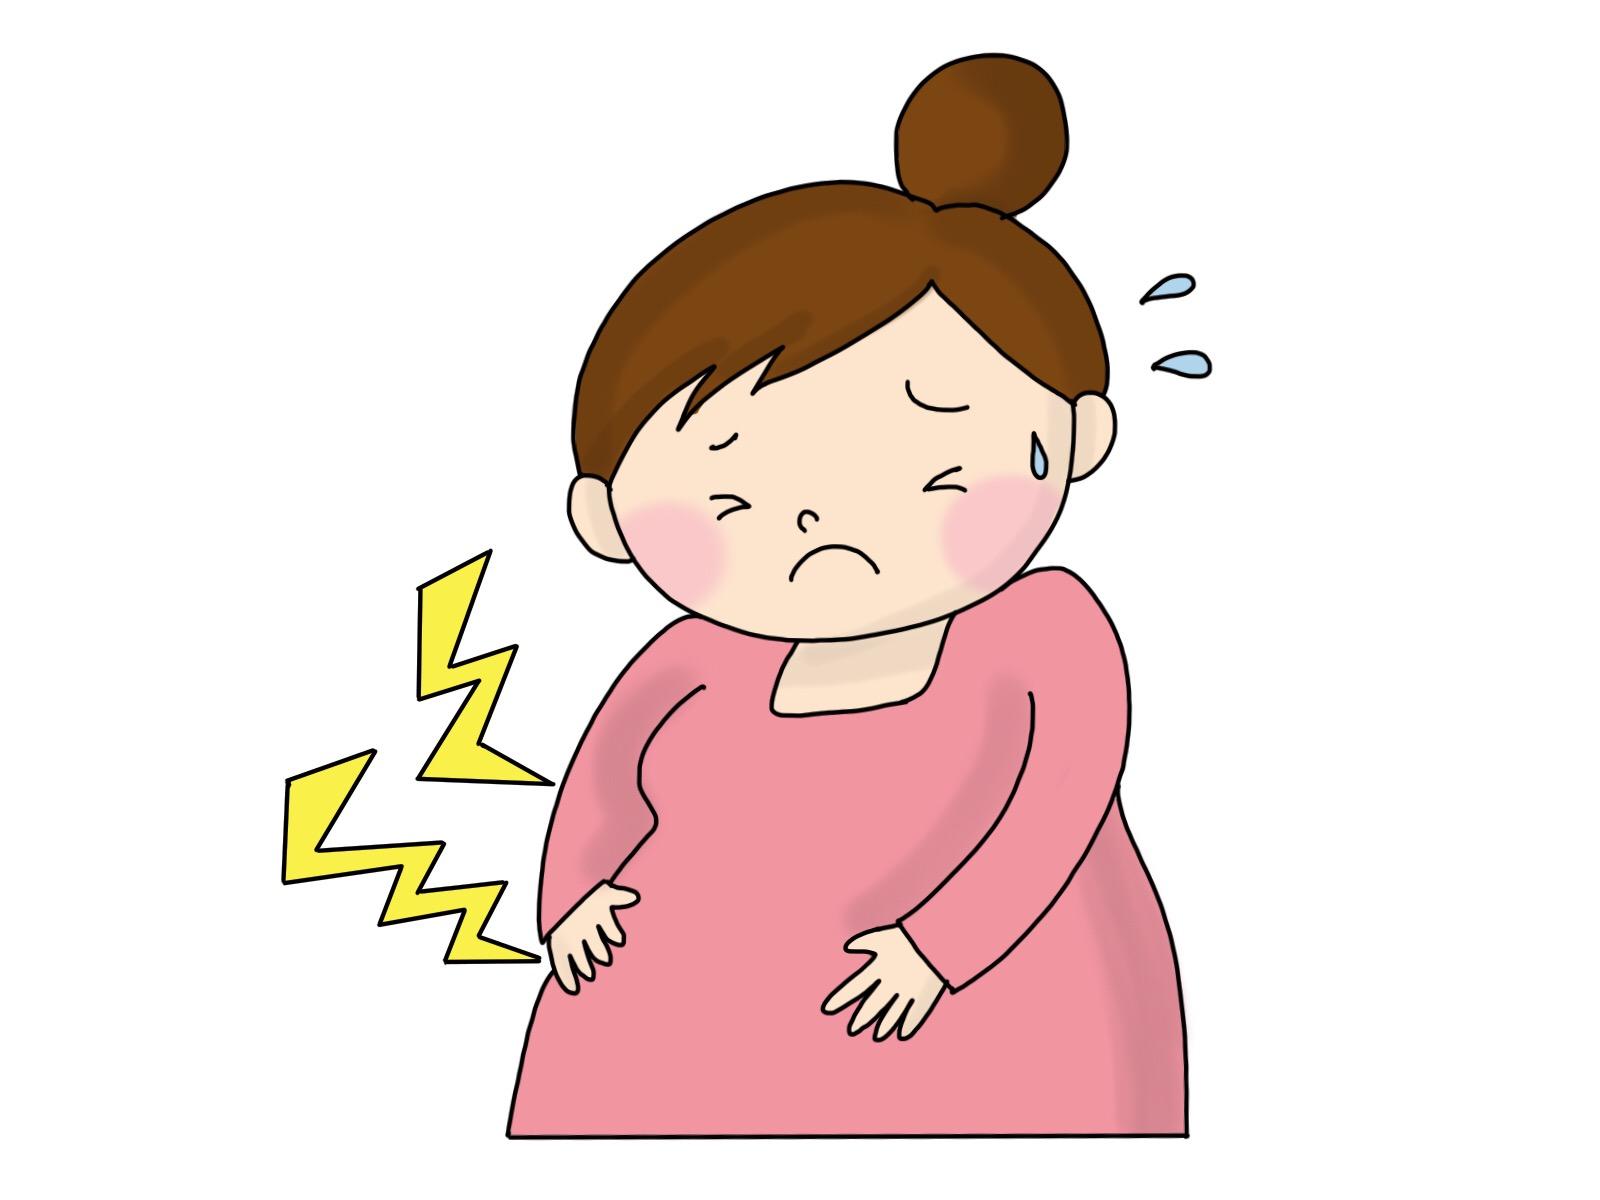 破水したのに陣痛が遠のく?お産の陣痛について紹介します!